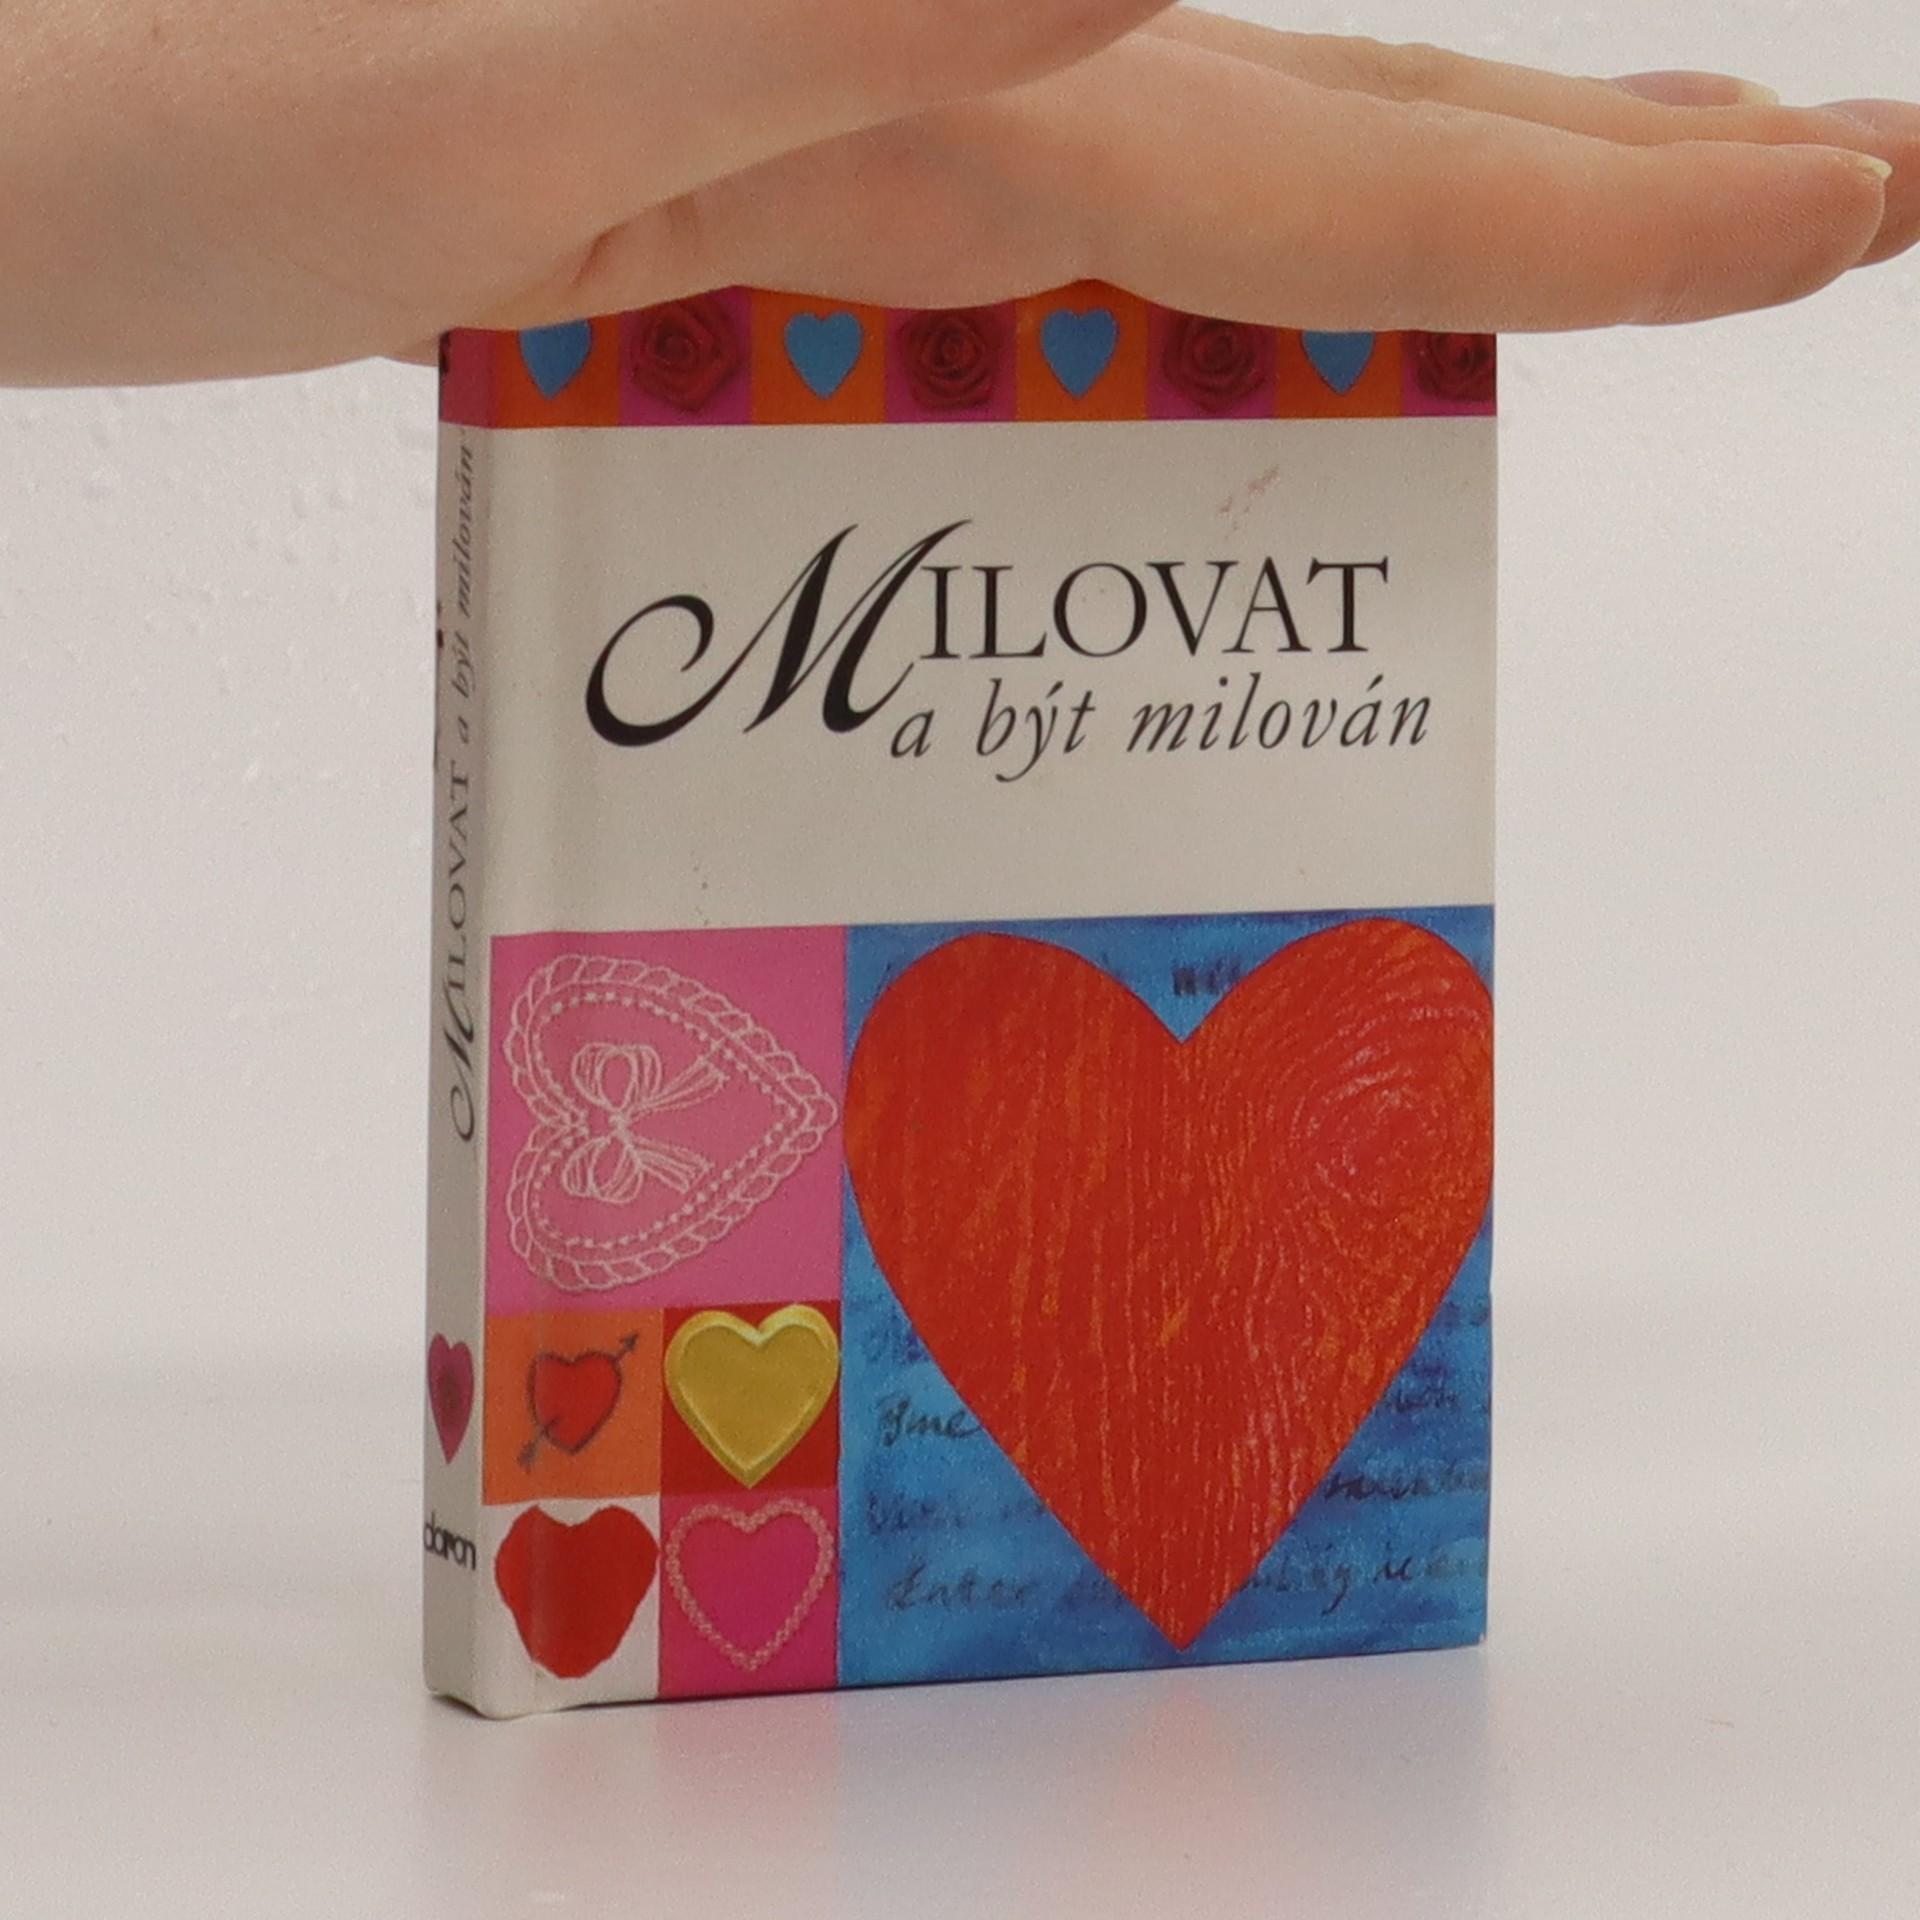 antikvární kniha Milovat a být milován, neuveden